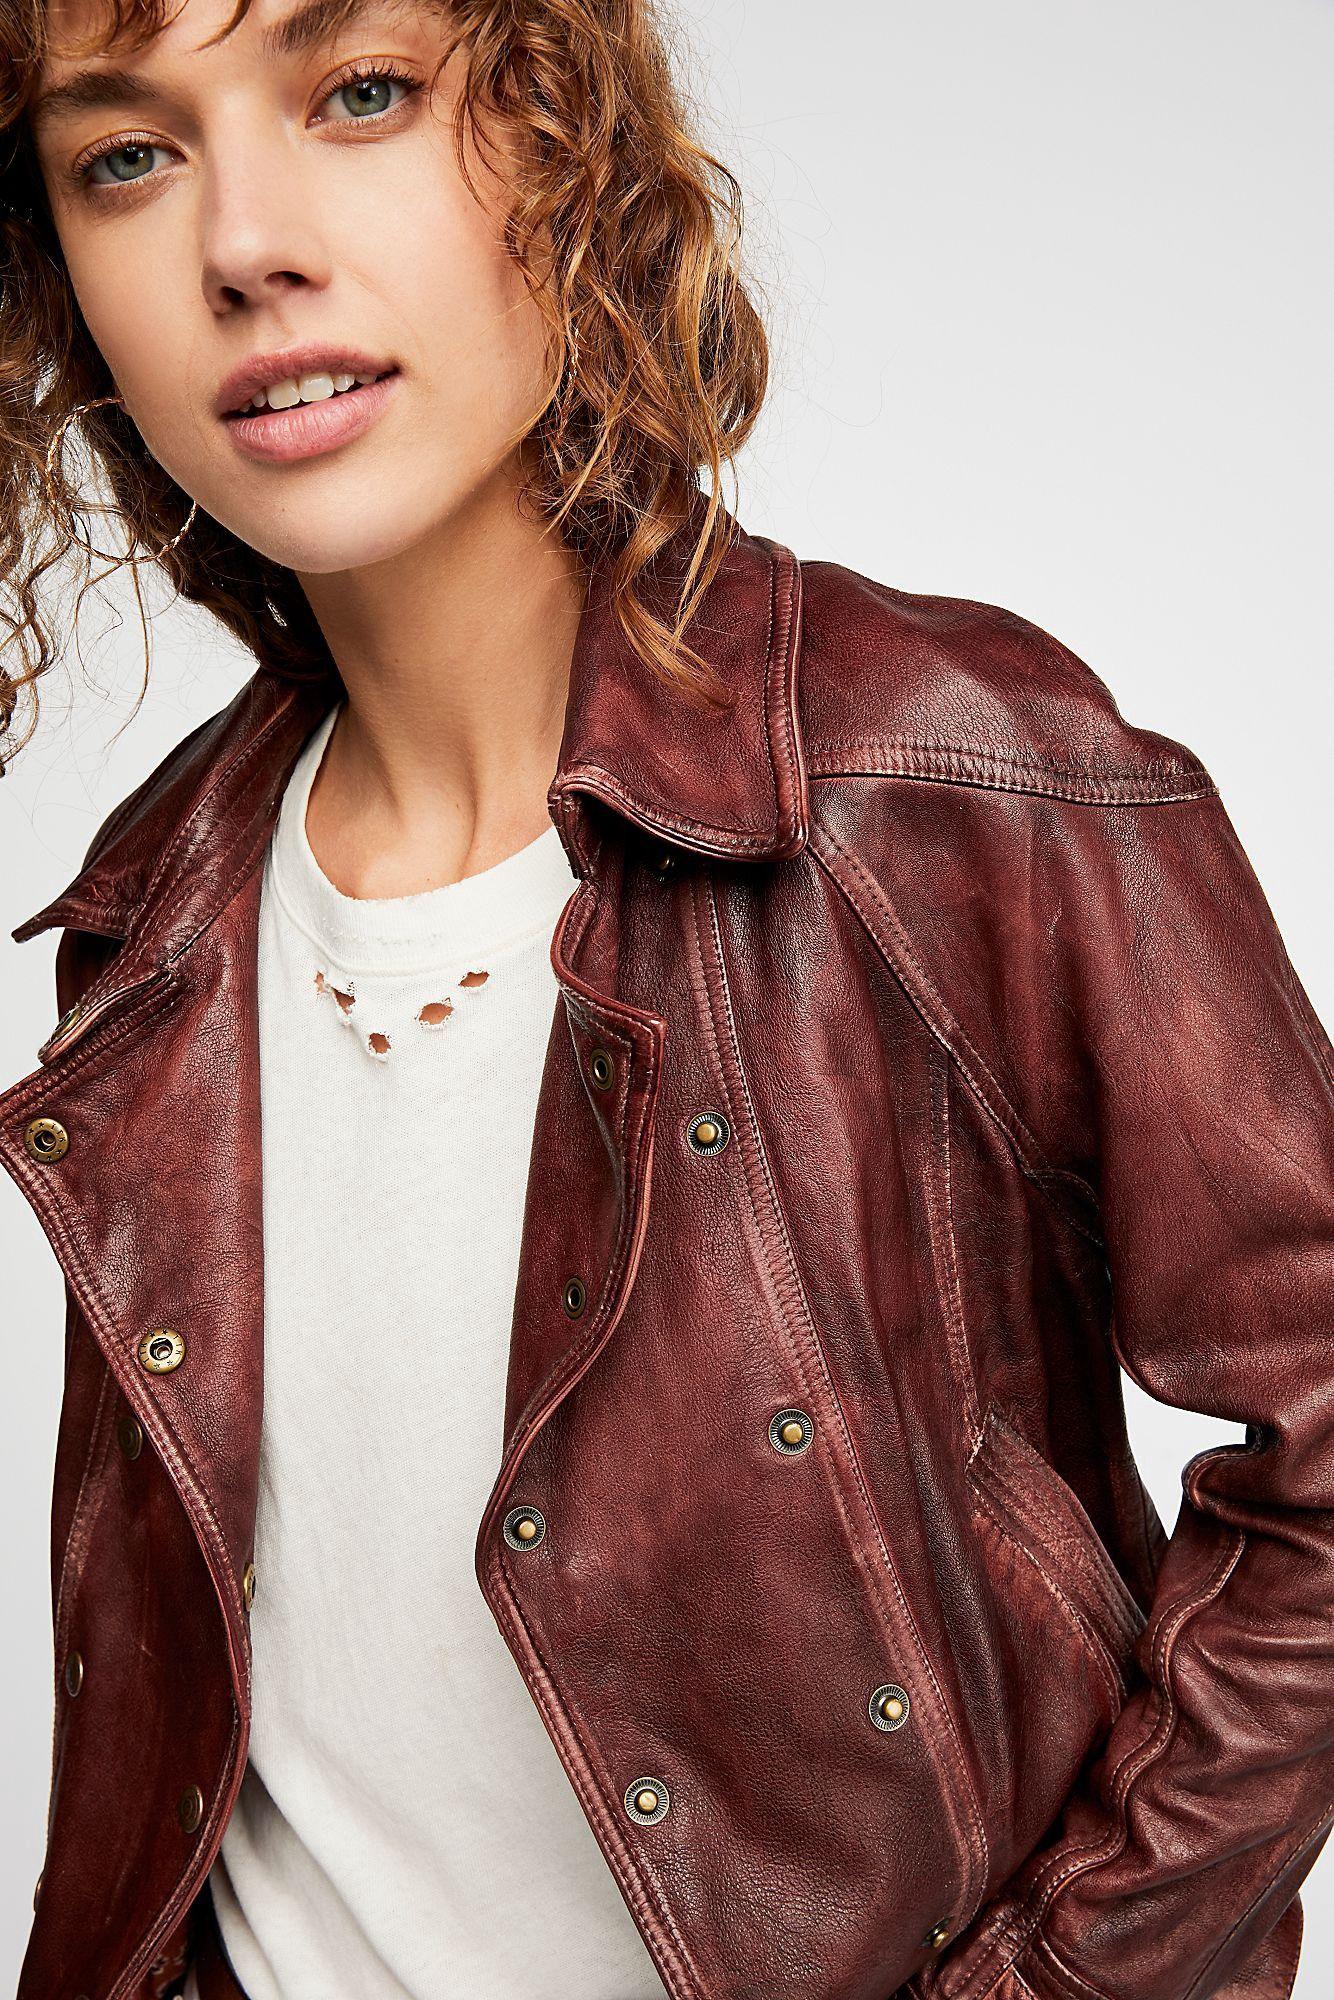 Free People Avis Leather Jacket Dusty Brown Xs Free People Leather Jacket Leather Jacket Distressed Leather Jacket [ 2000 x 1334 Pixel ]